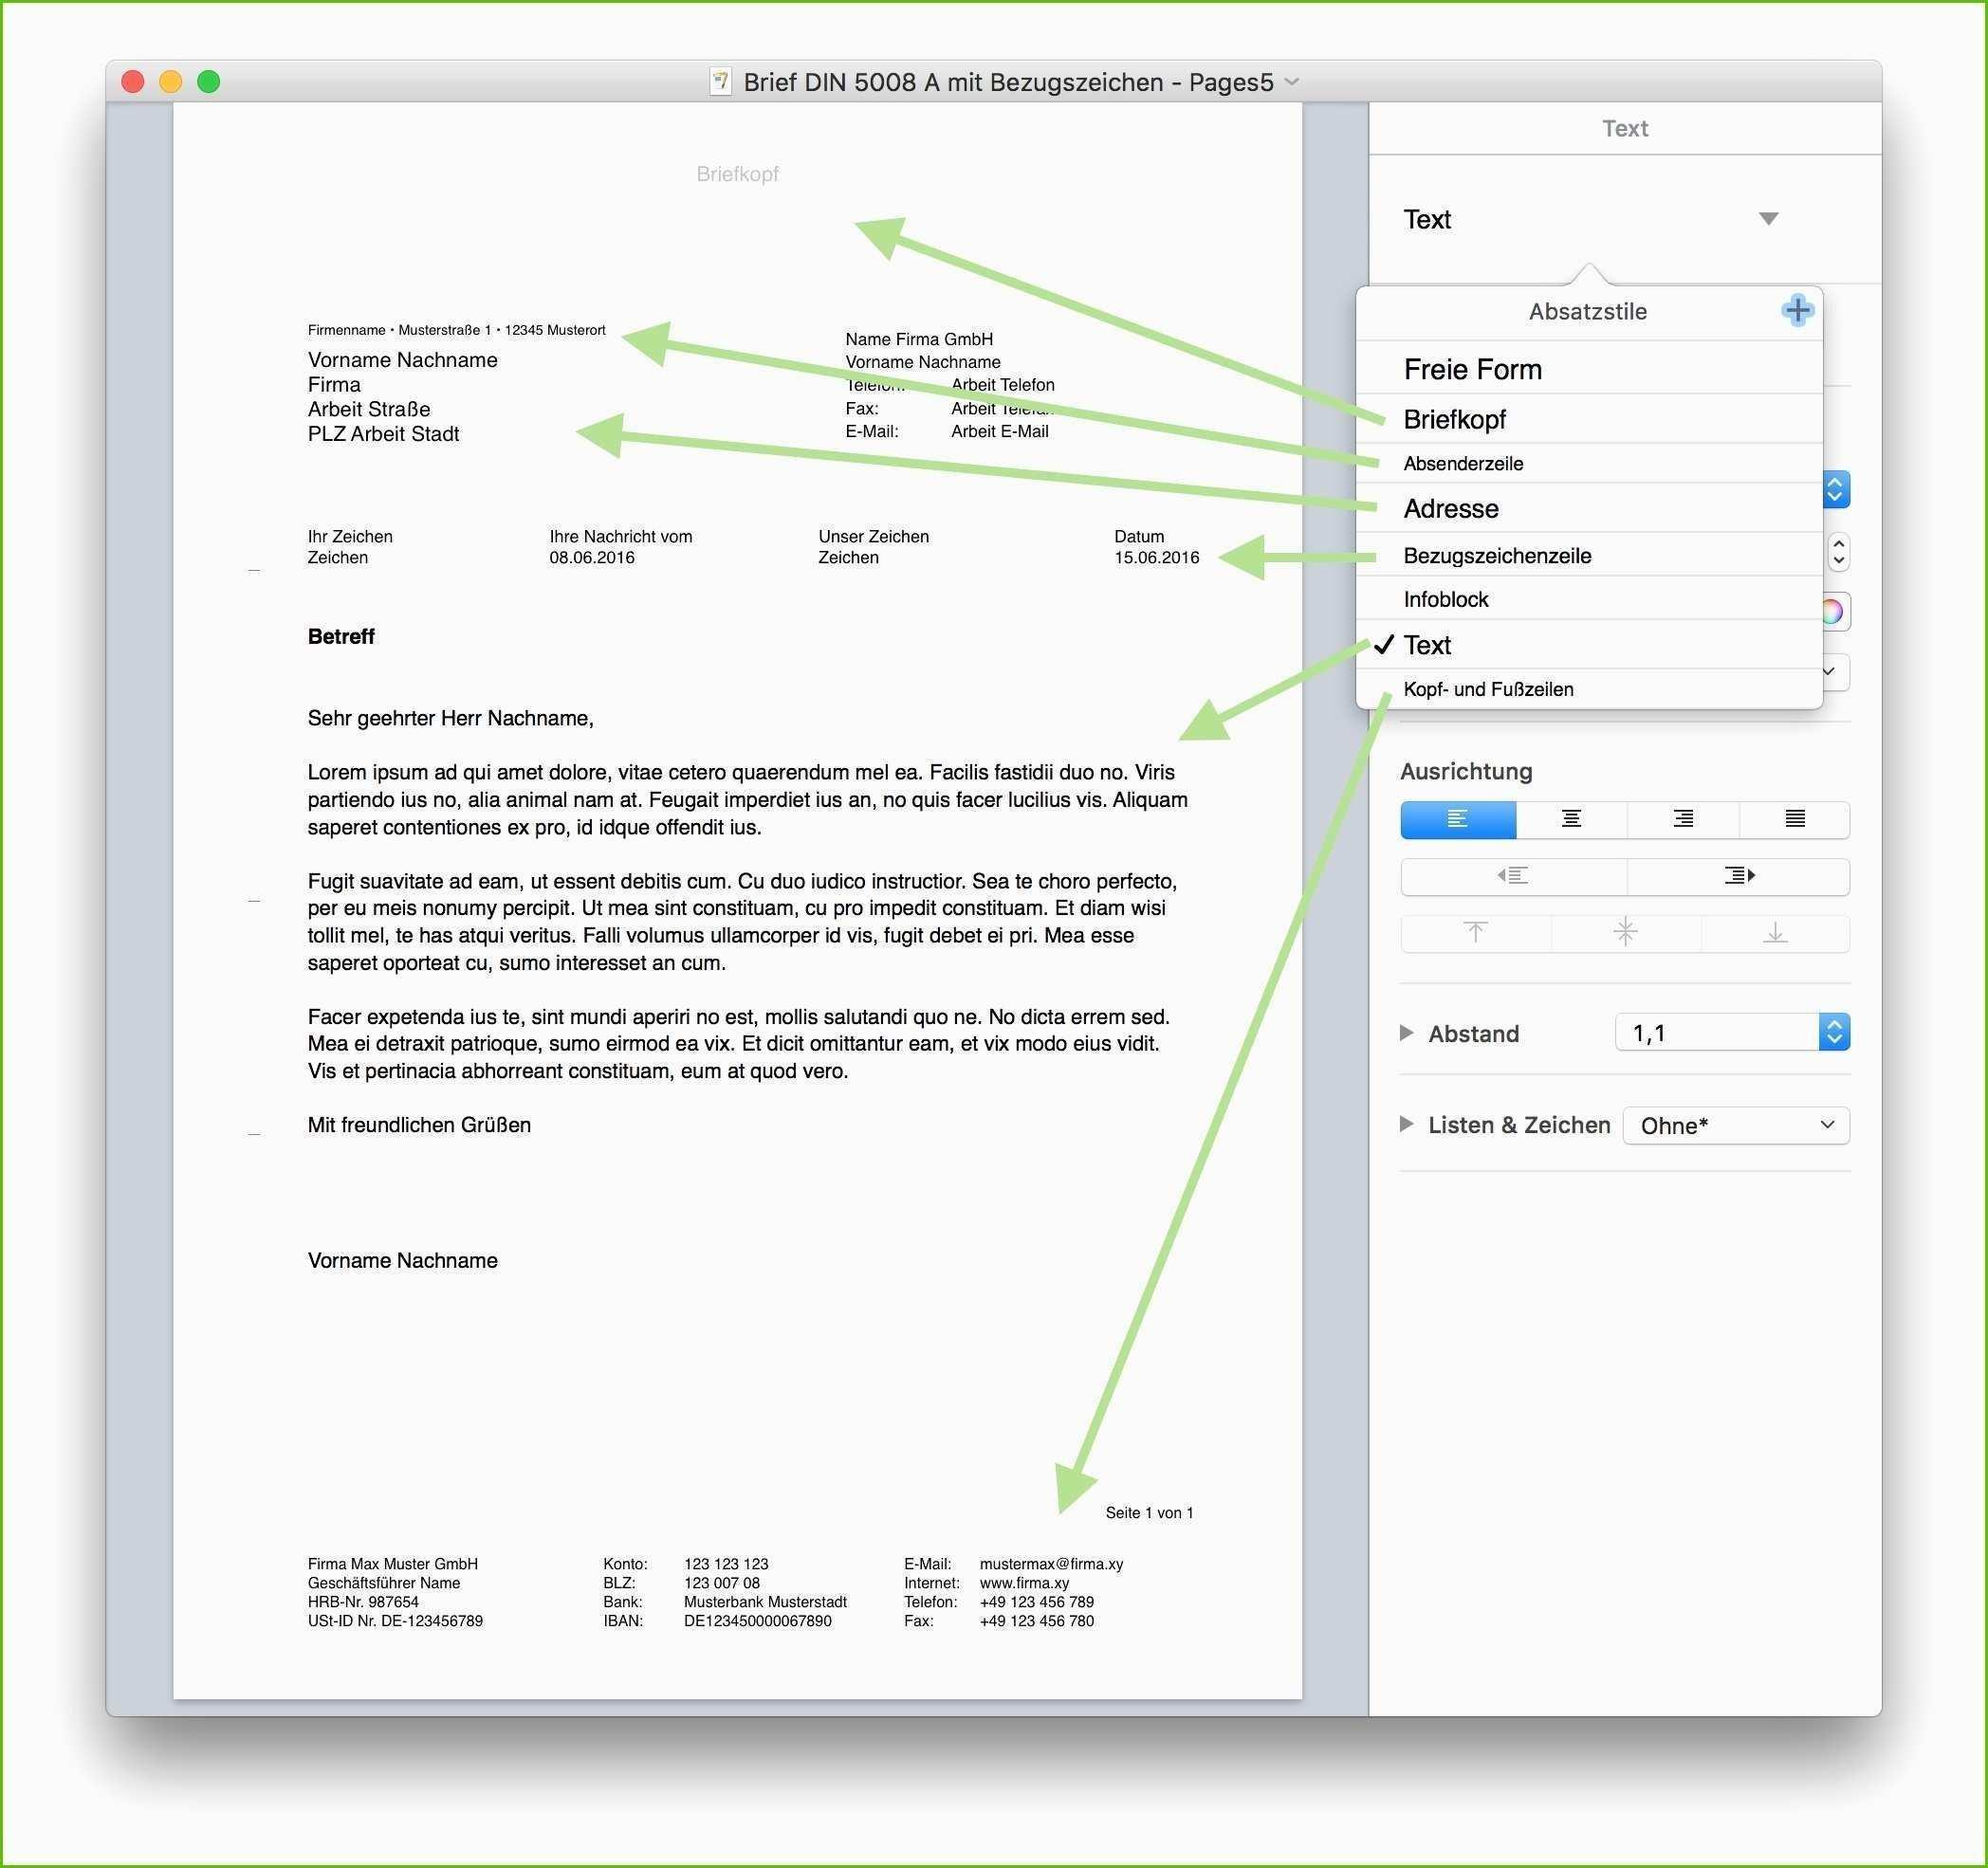 Frisch Din 5008 Bewerbung Vorlage Word Briefprobe Briefformat Briefvorlage Briefvorlage Word Vorlagen Word Briefvorlagen